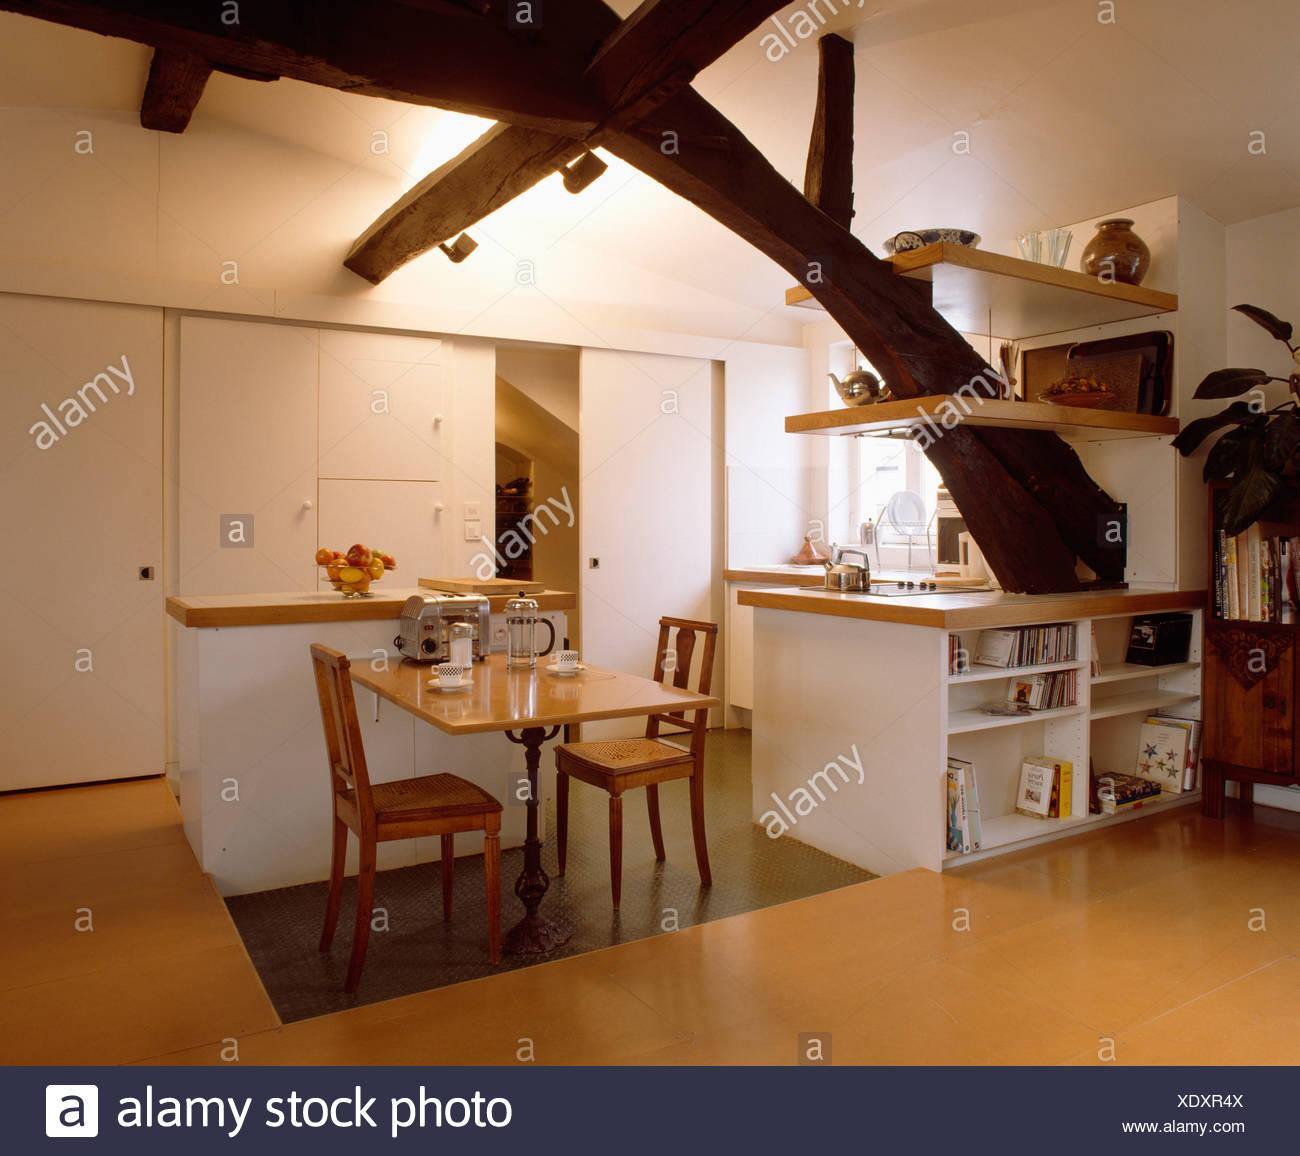 Tavoli Da Pranzo Grandi Dimensioni.Tavolo In Legno E Sedie In Bianco Loft Cucina Sala Da Pranzo